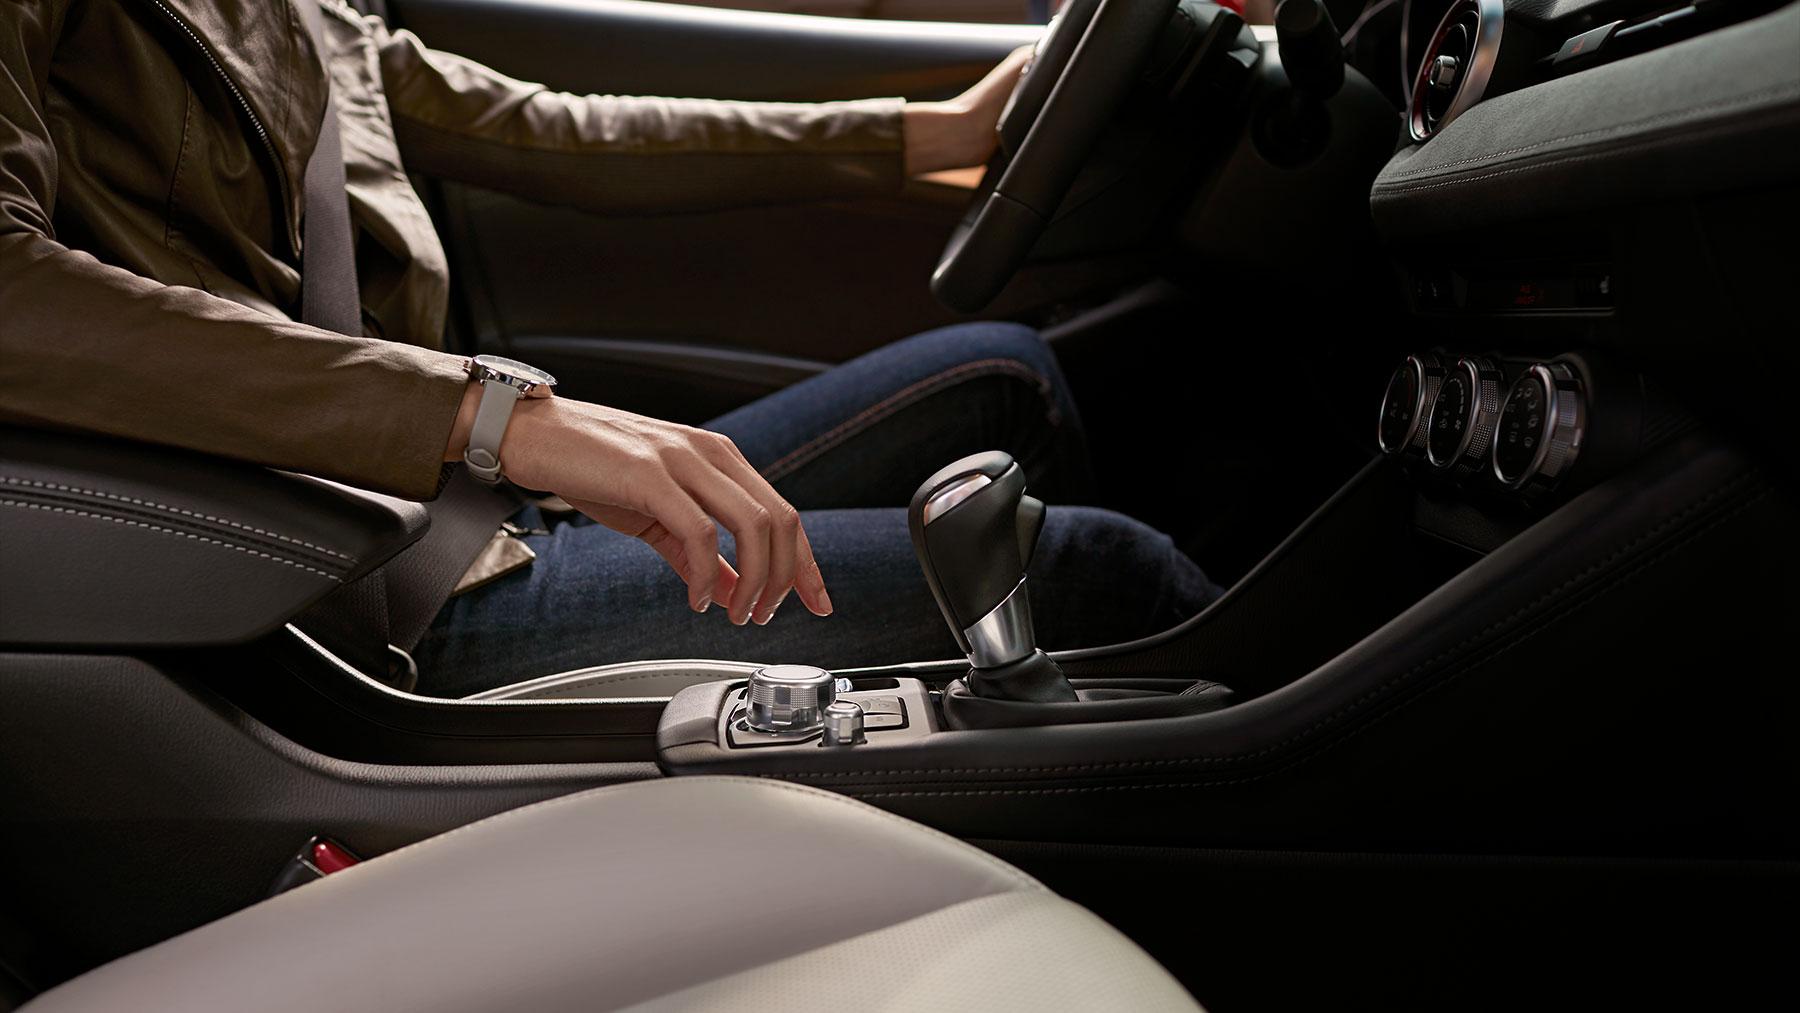 Interior Amenities in the Mazda CX-3